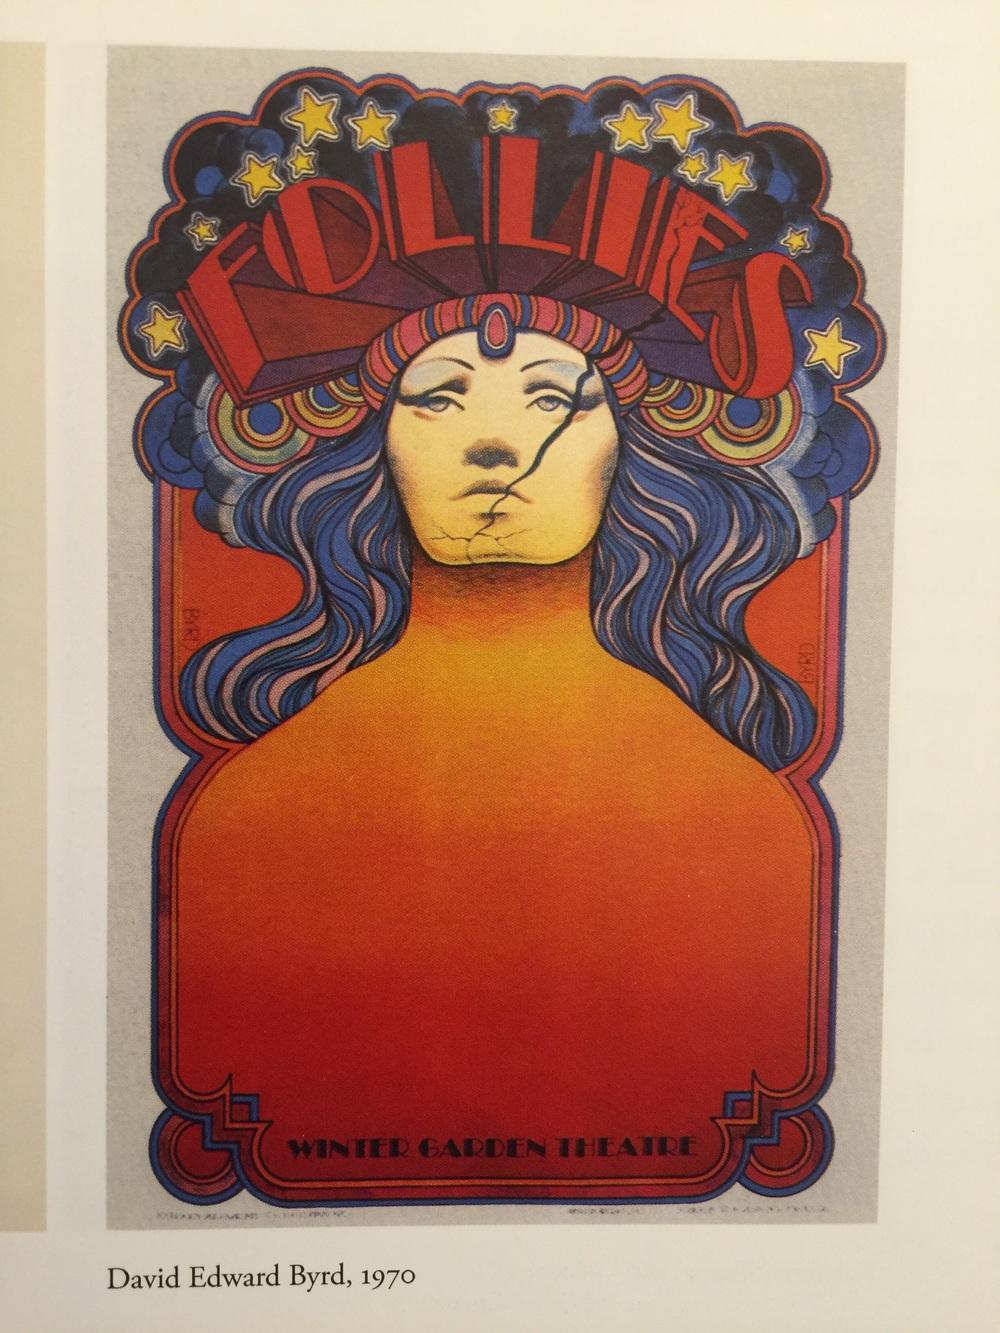 1960s art nouveau revival posters  u2014 jesse waugh